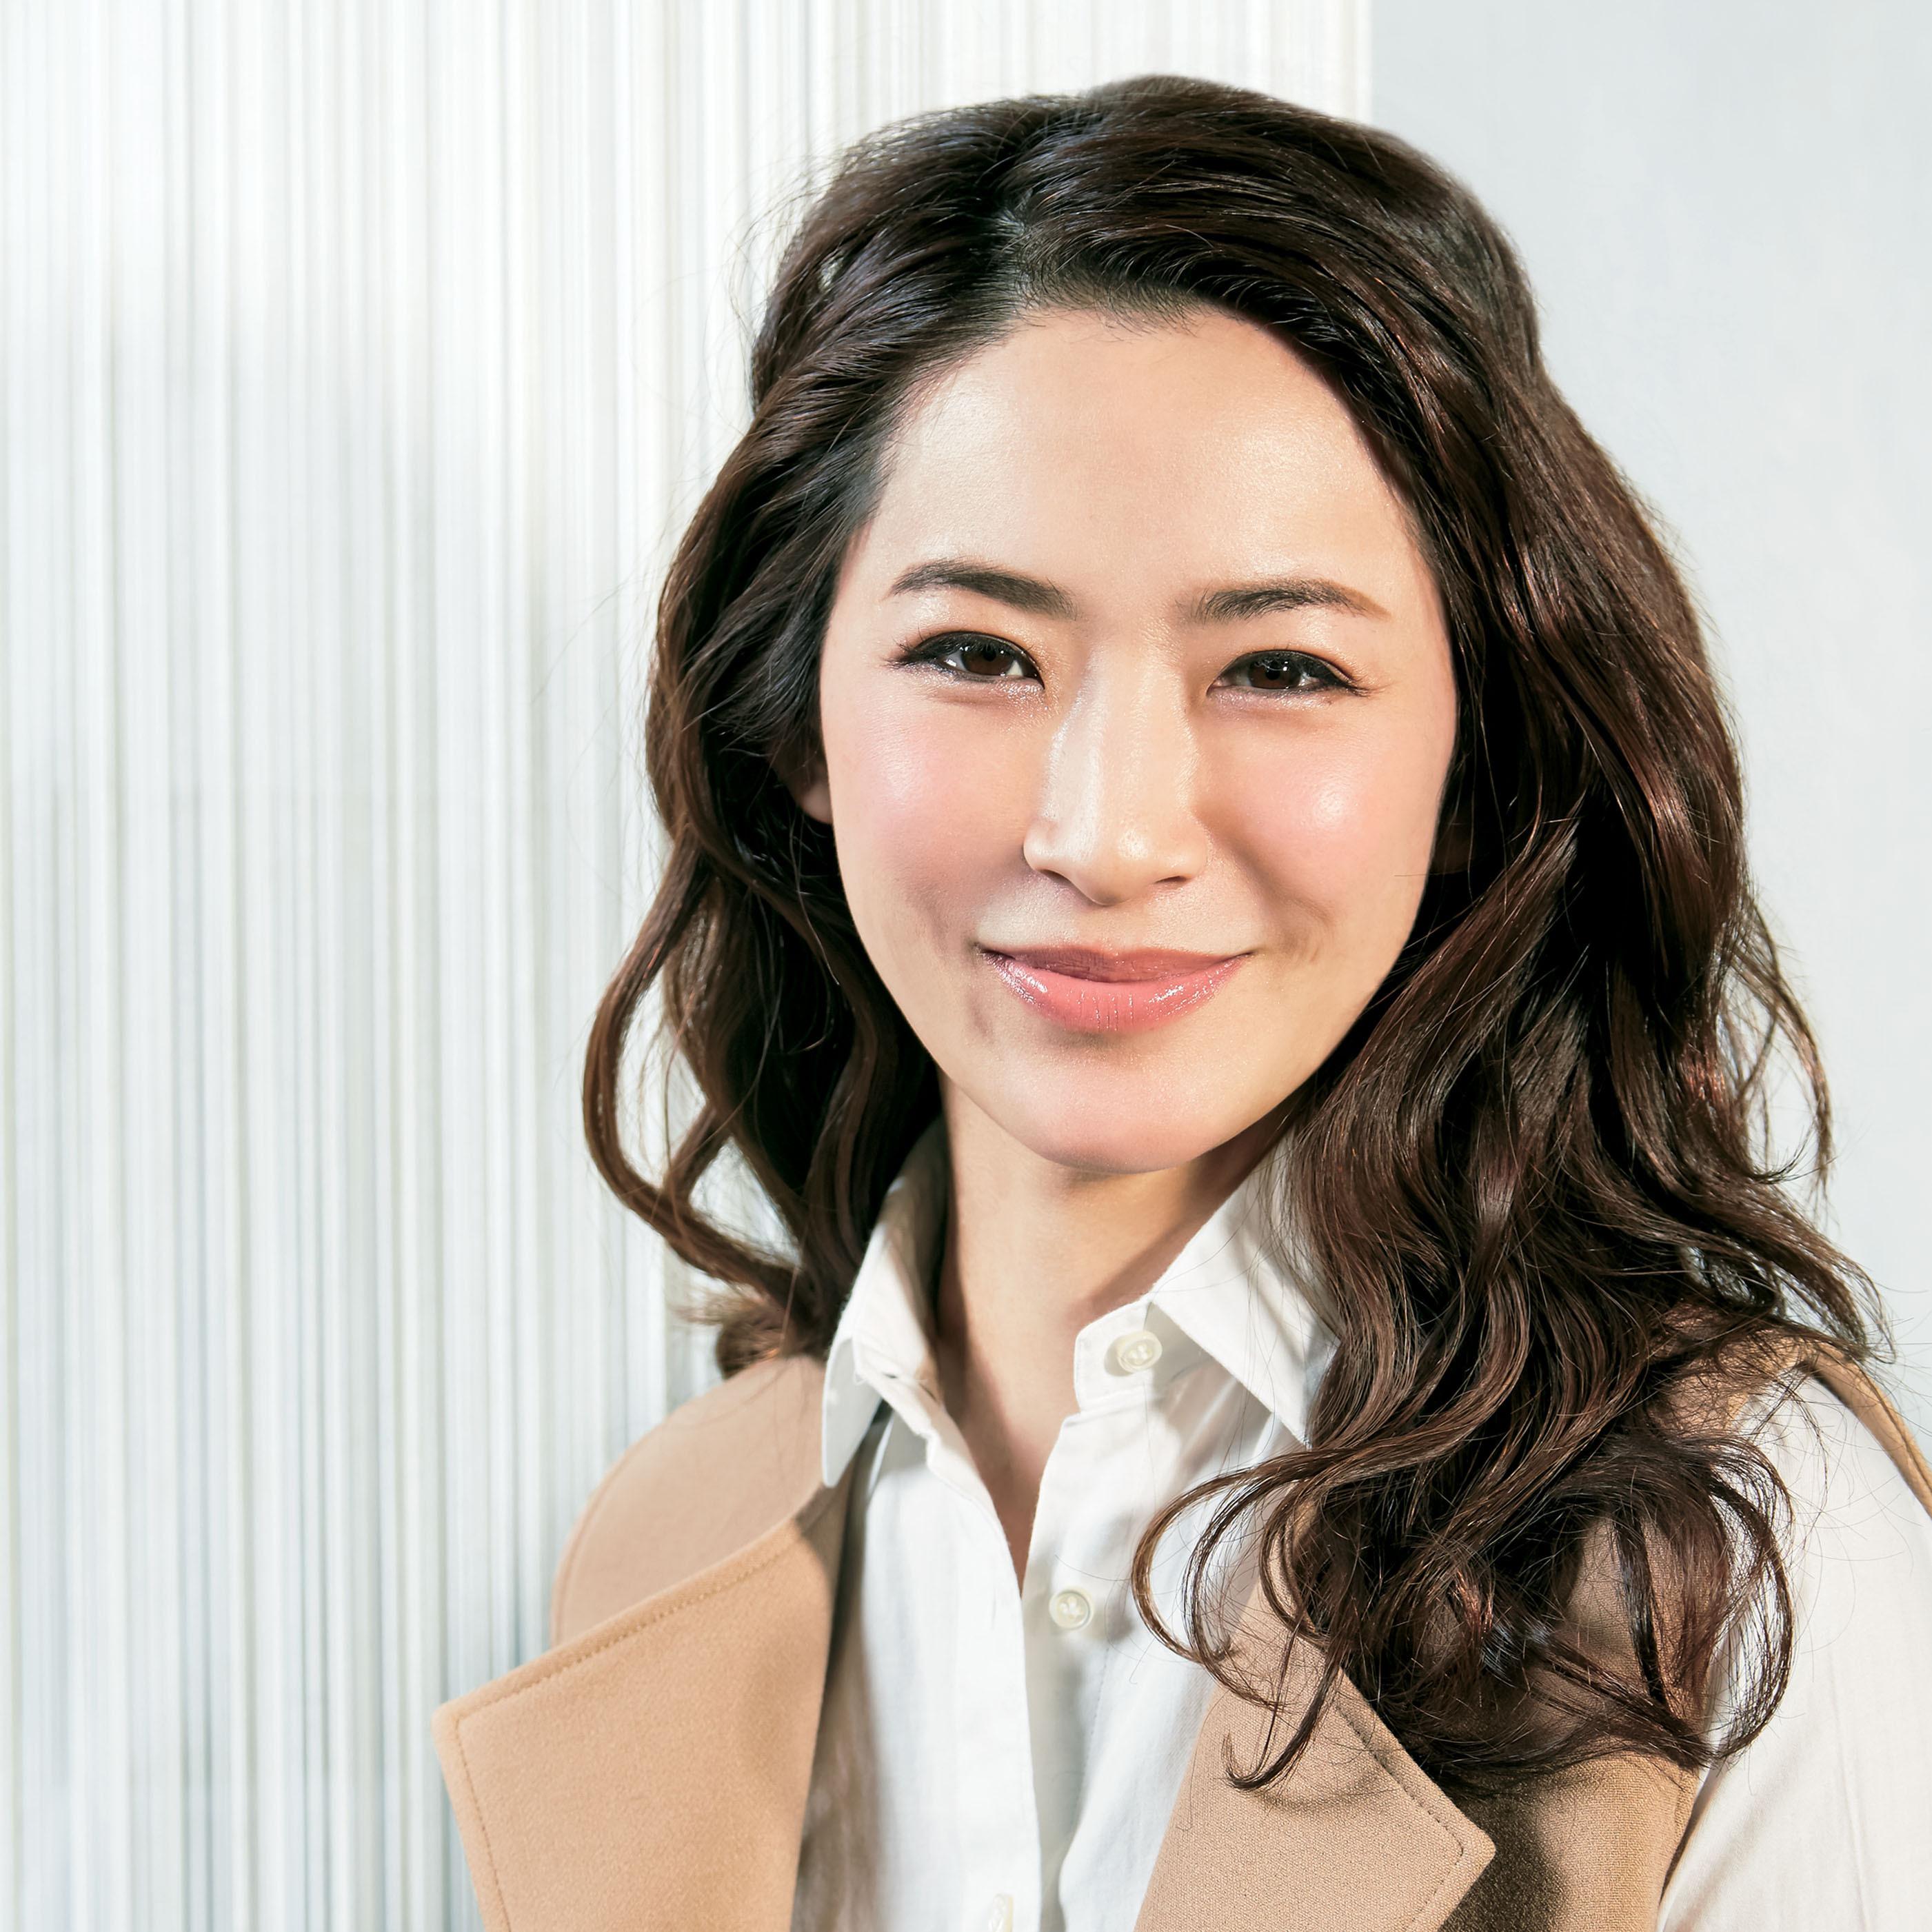 土田瑠美さん発! 【ストレートアイロン】だったら巻き髪がふんわりツヤツヤ